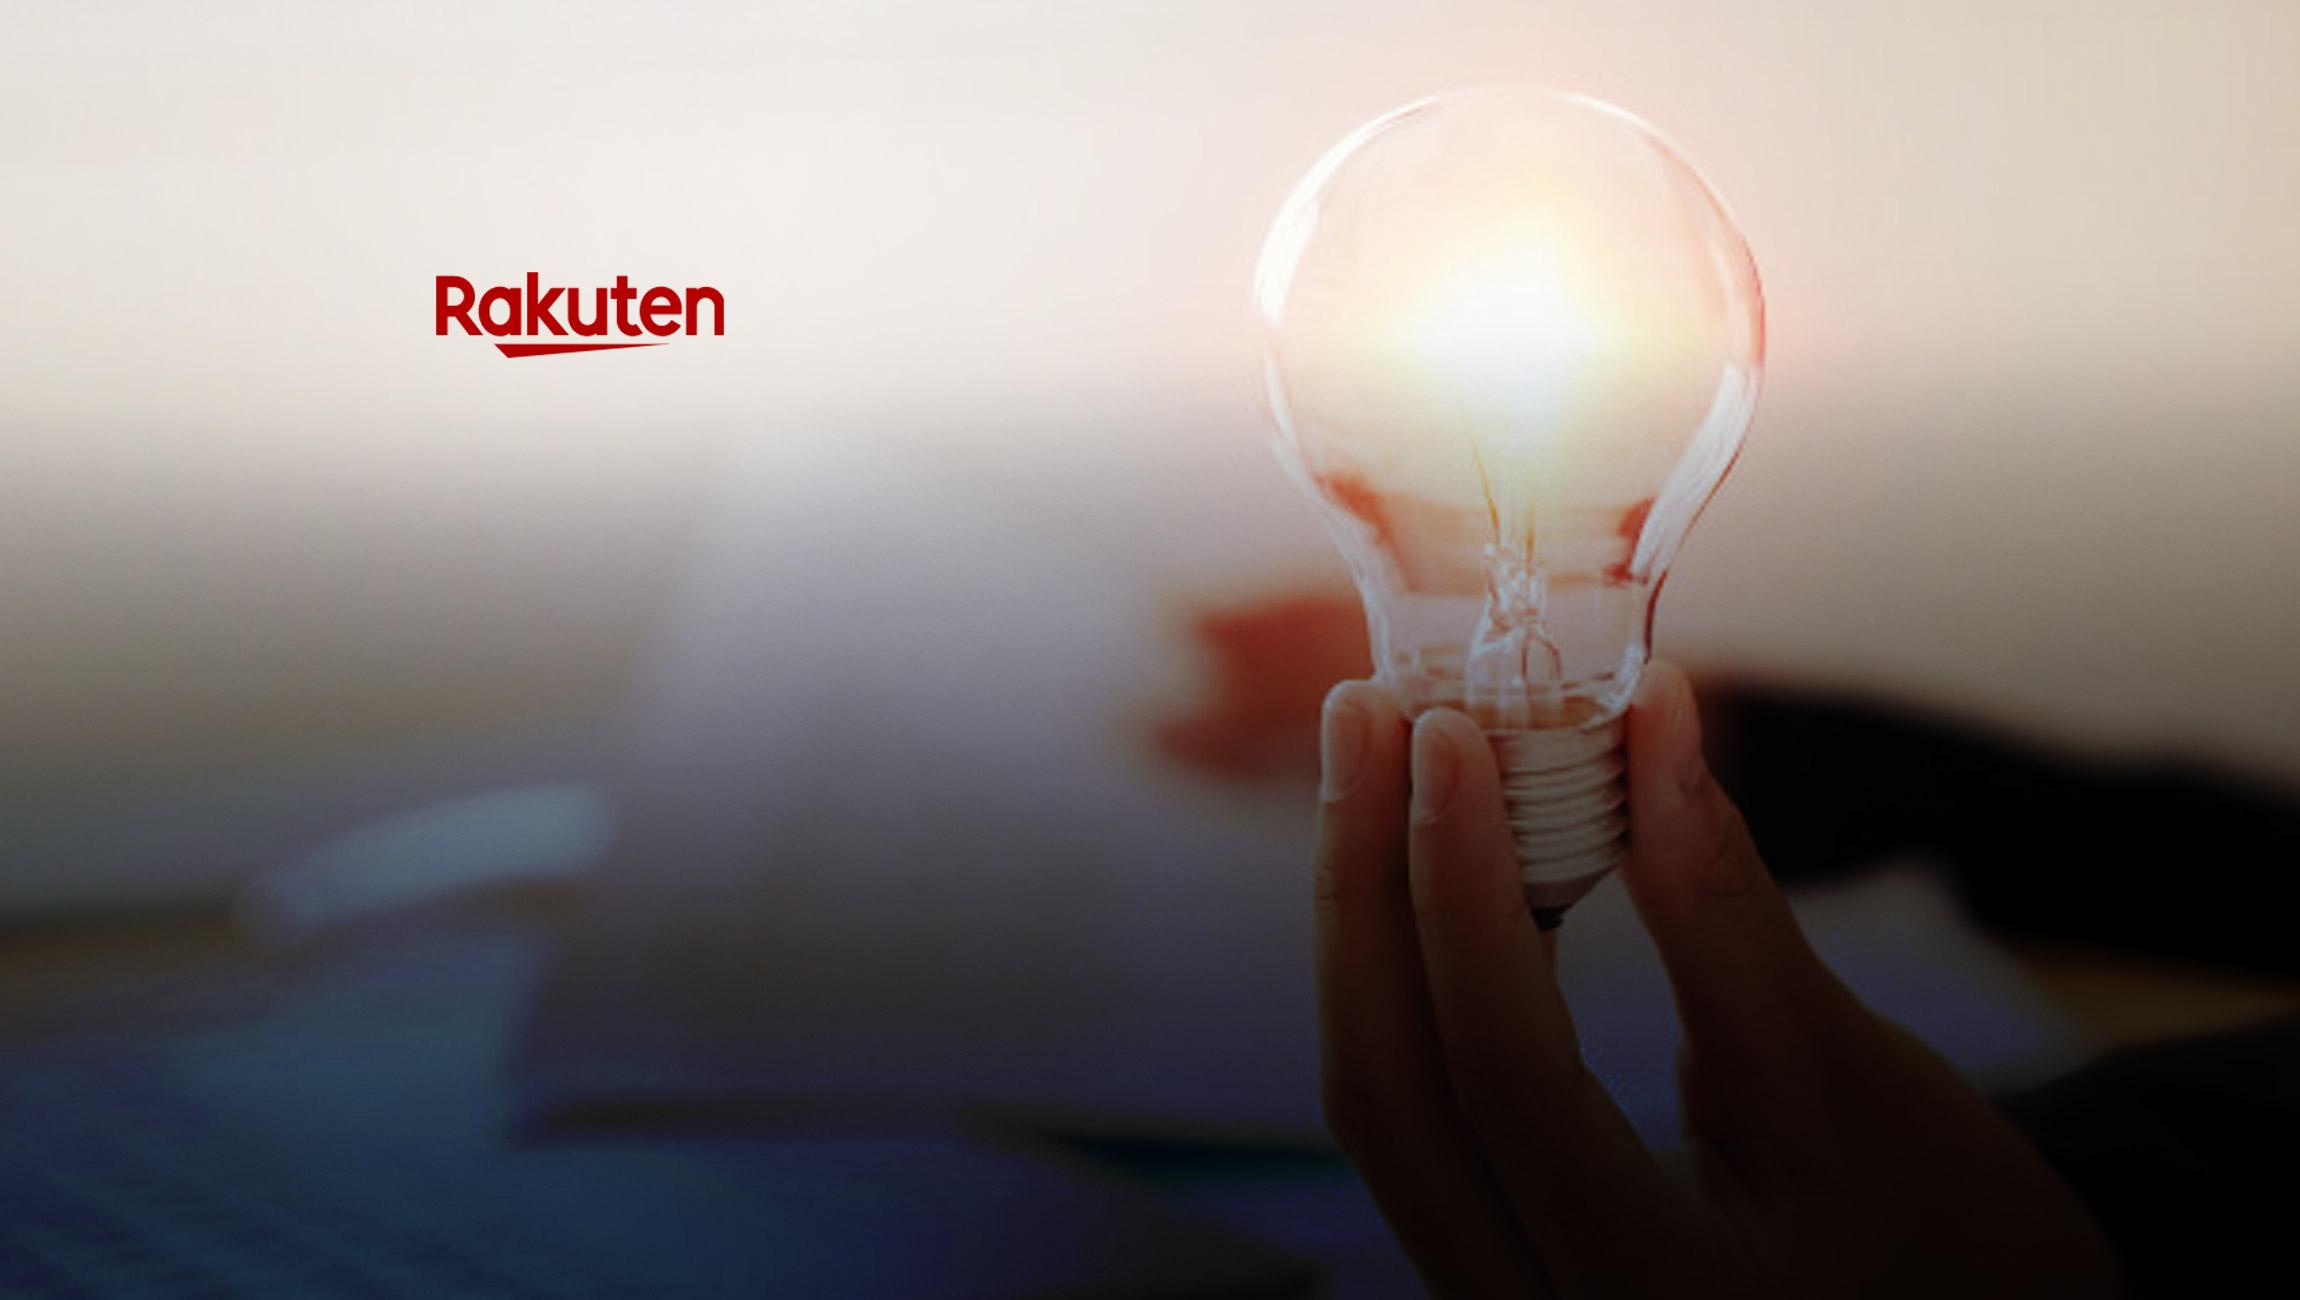 Rakuten-Acquires-Leading-Autofill-Platform-Fillr